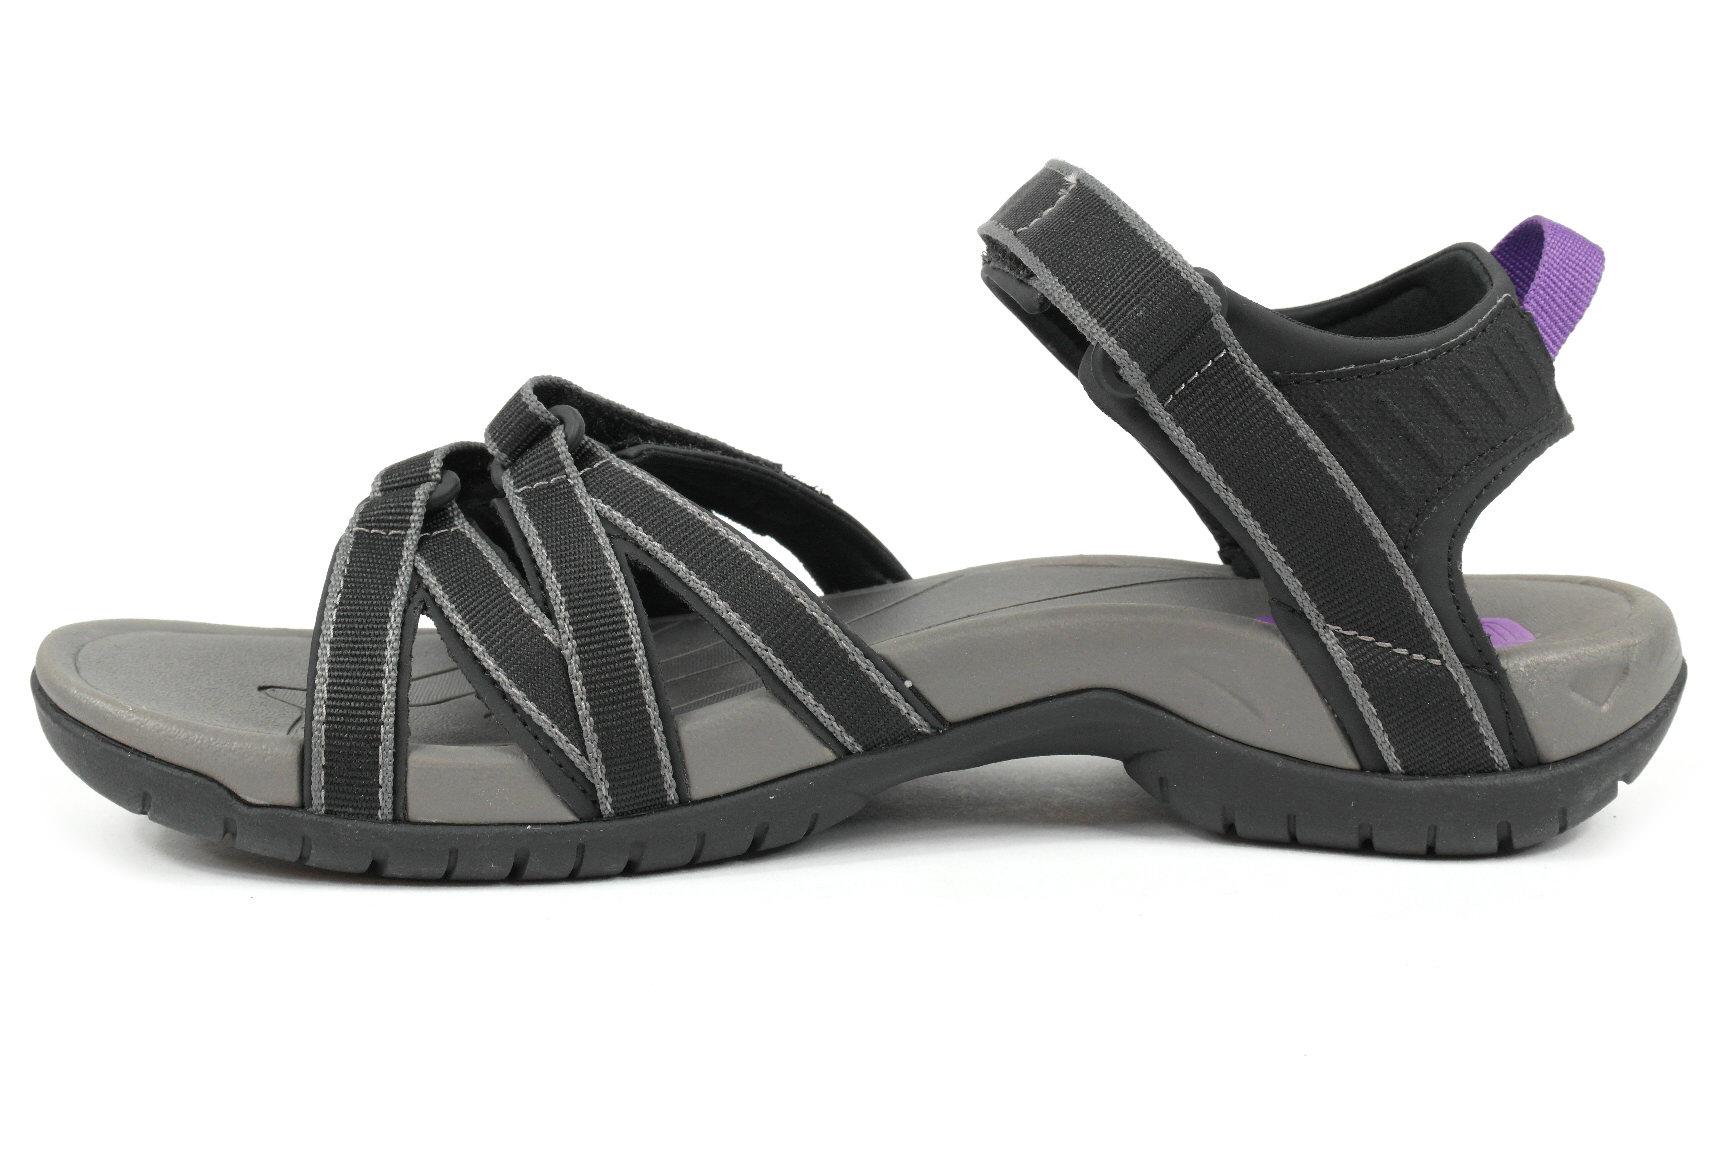 209e0a66a8478a Online dames sandalen kopen op www.herqua.nl